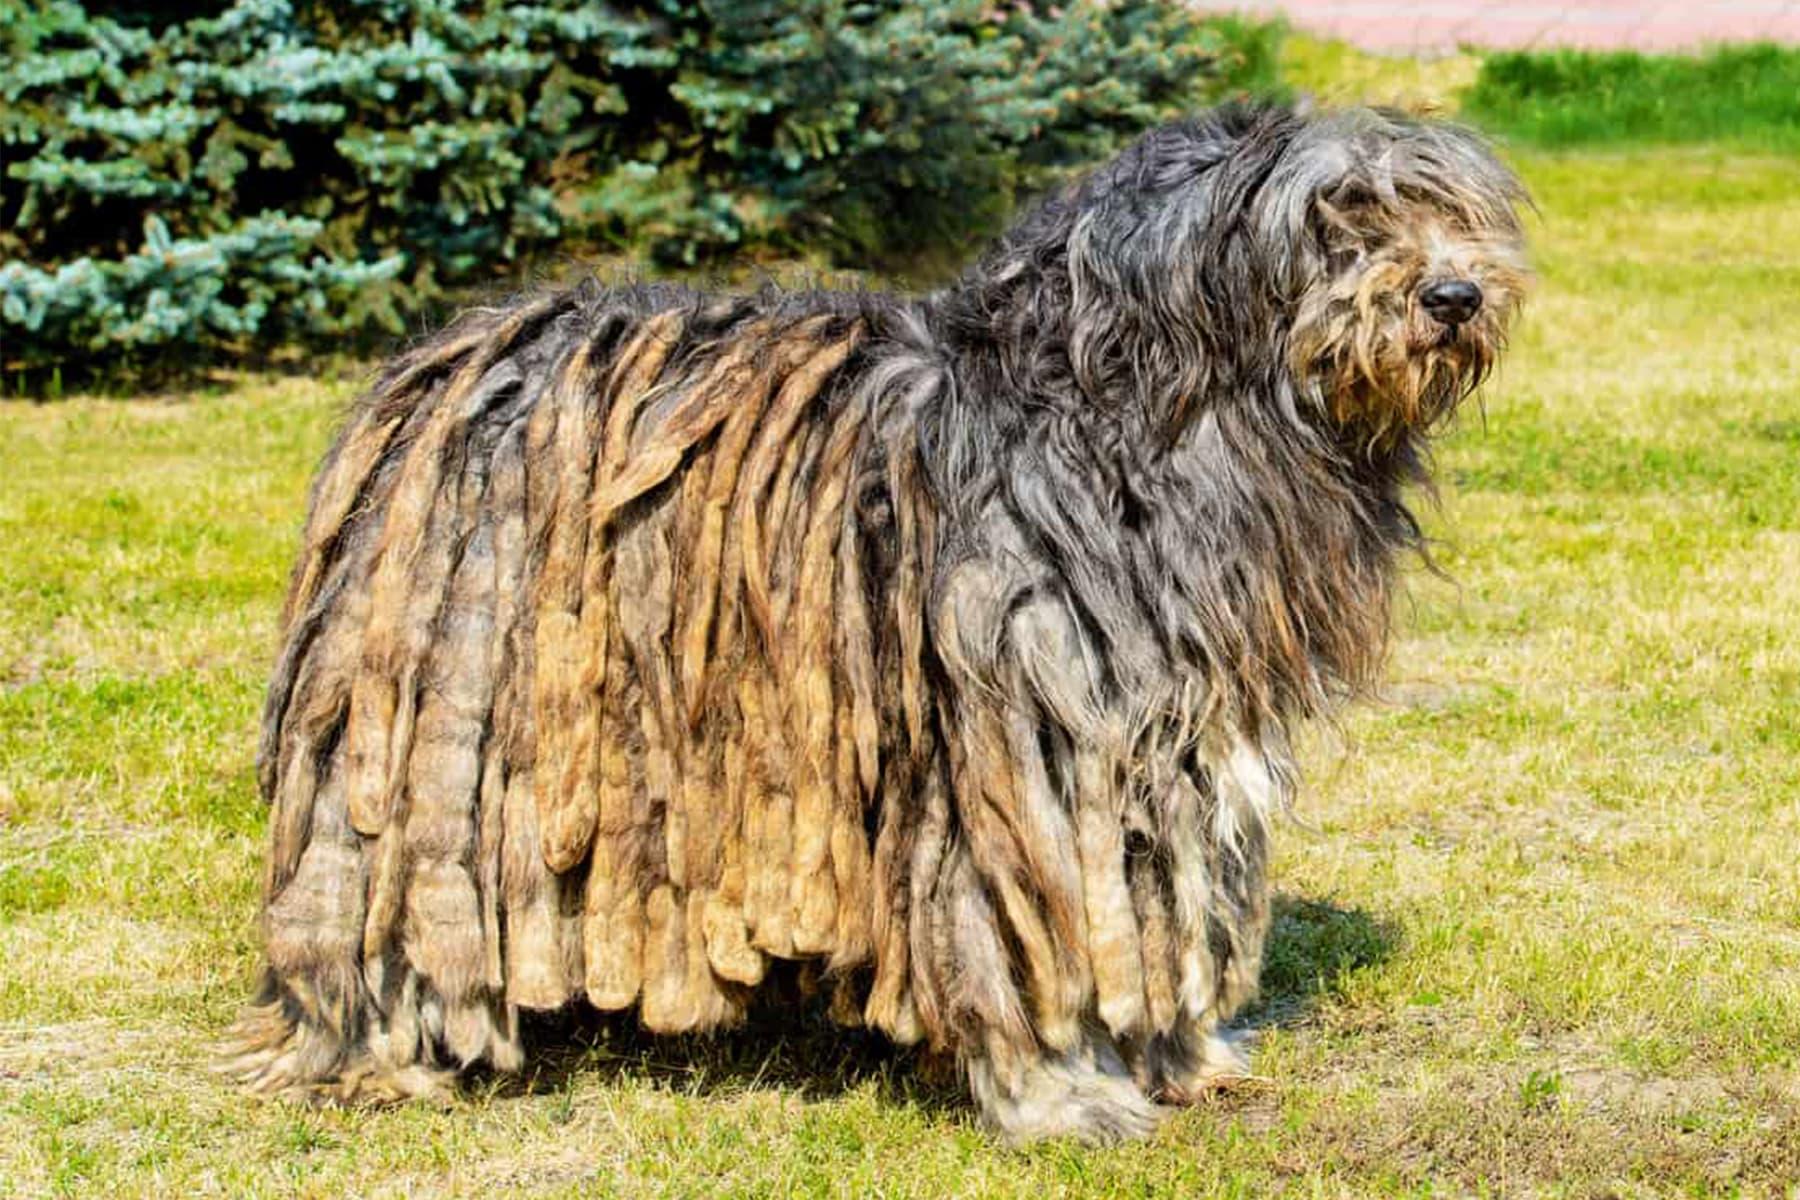 Bermasker Hirtenhund seitlich